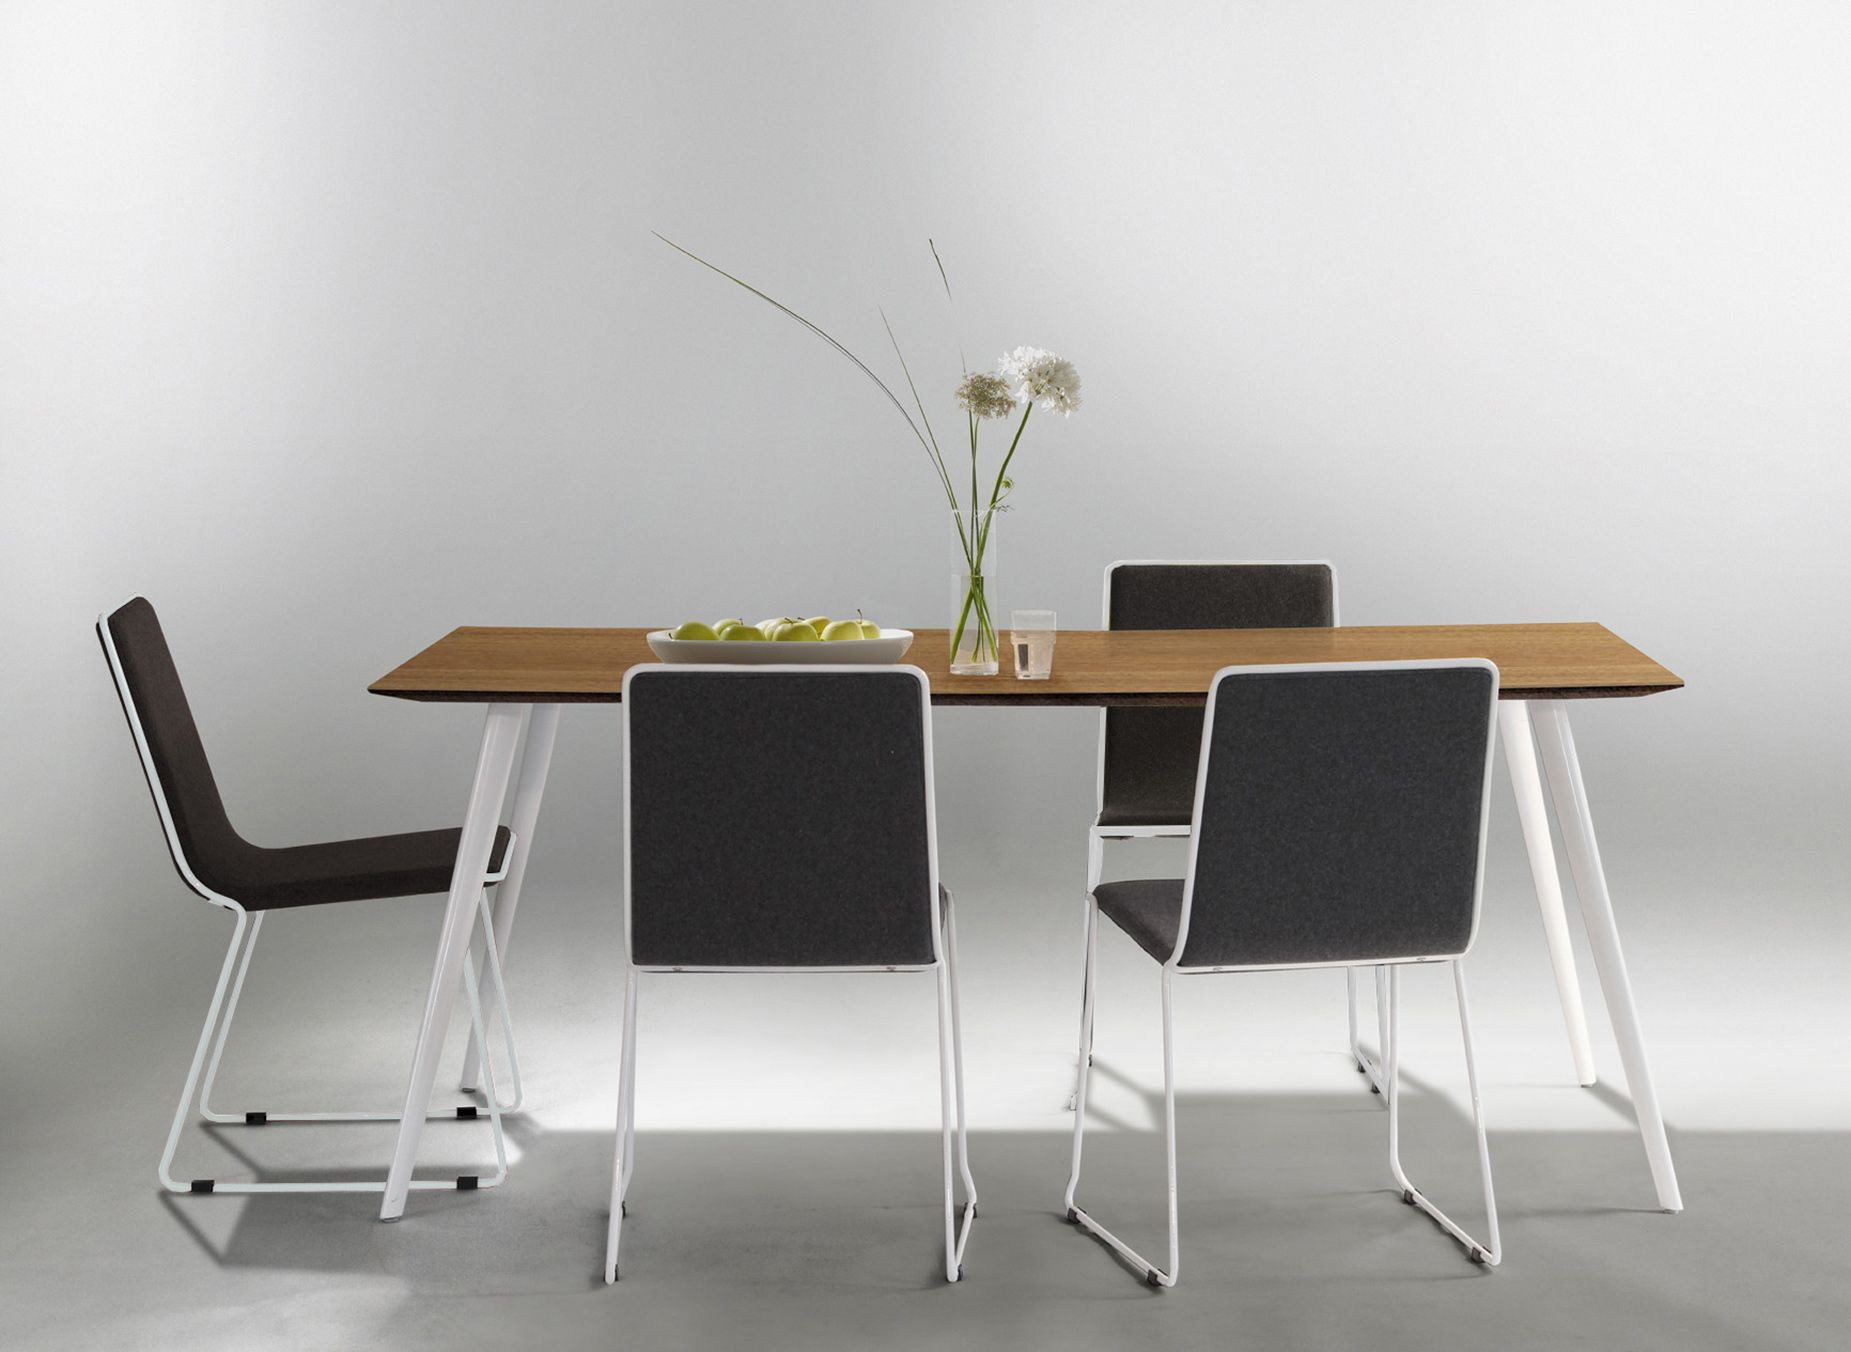 Möbel Eppendorf danti ausziehtisch tische stühle ausziehtisch